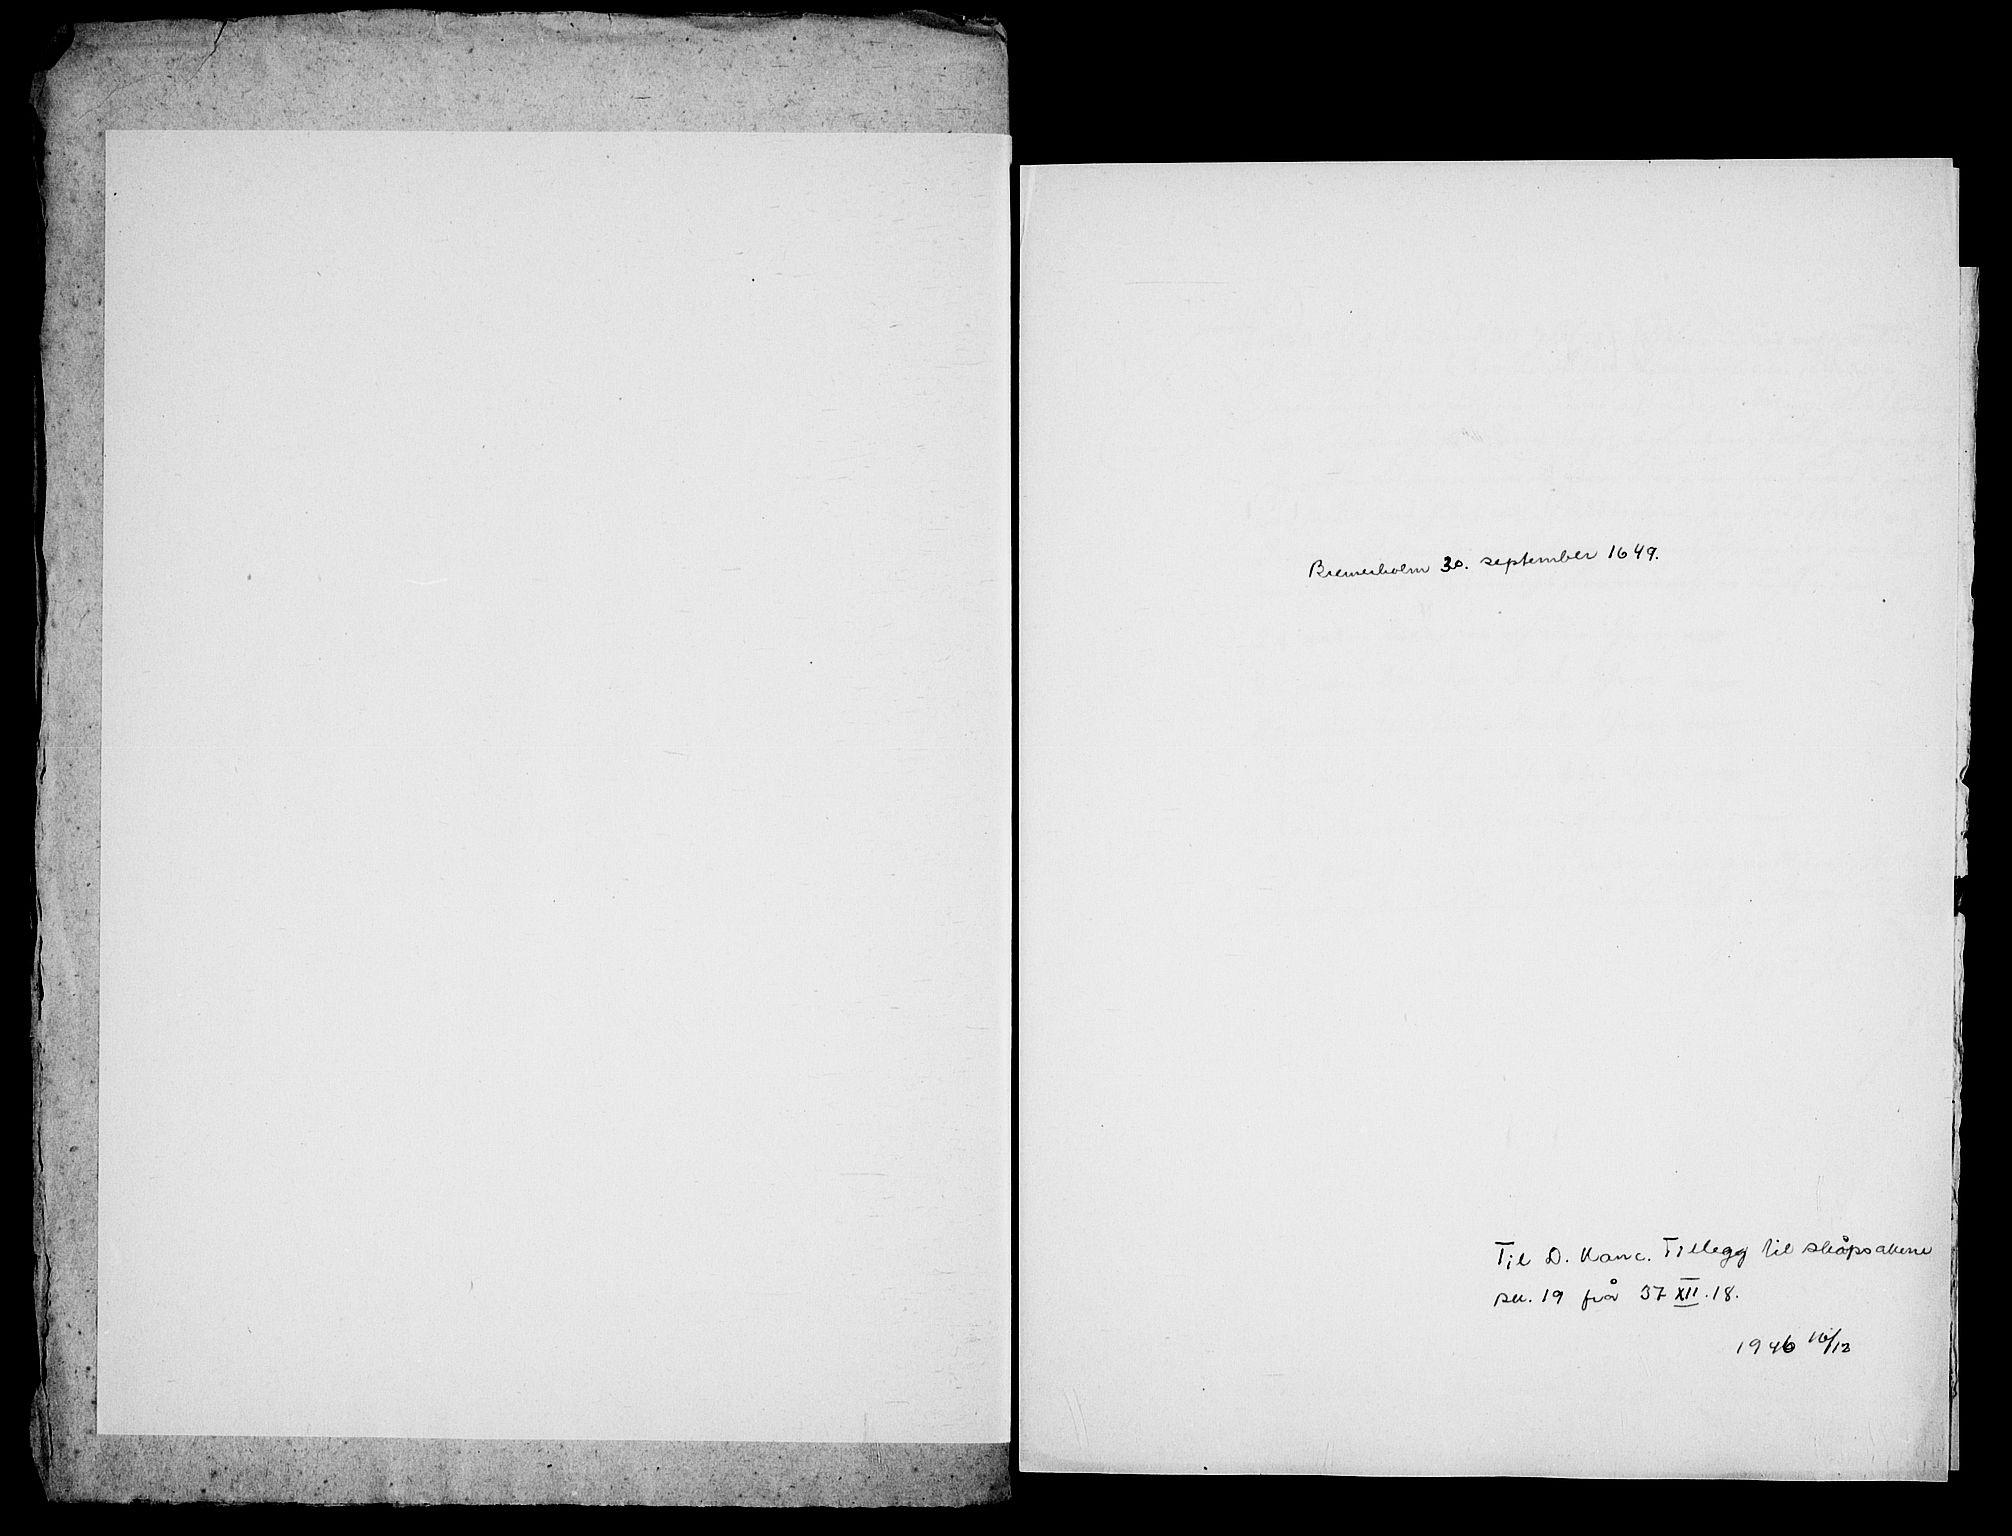 RA, Danske Kanselli, Skapsaker, G/L0019: Tillegg til skapsakene, 1616-1753, s. 135